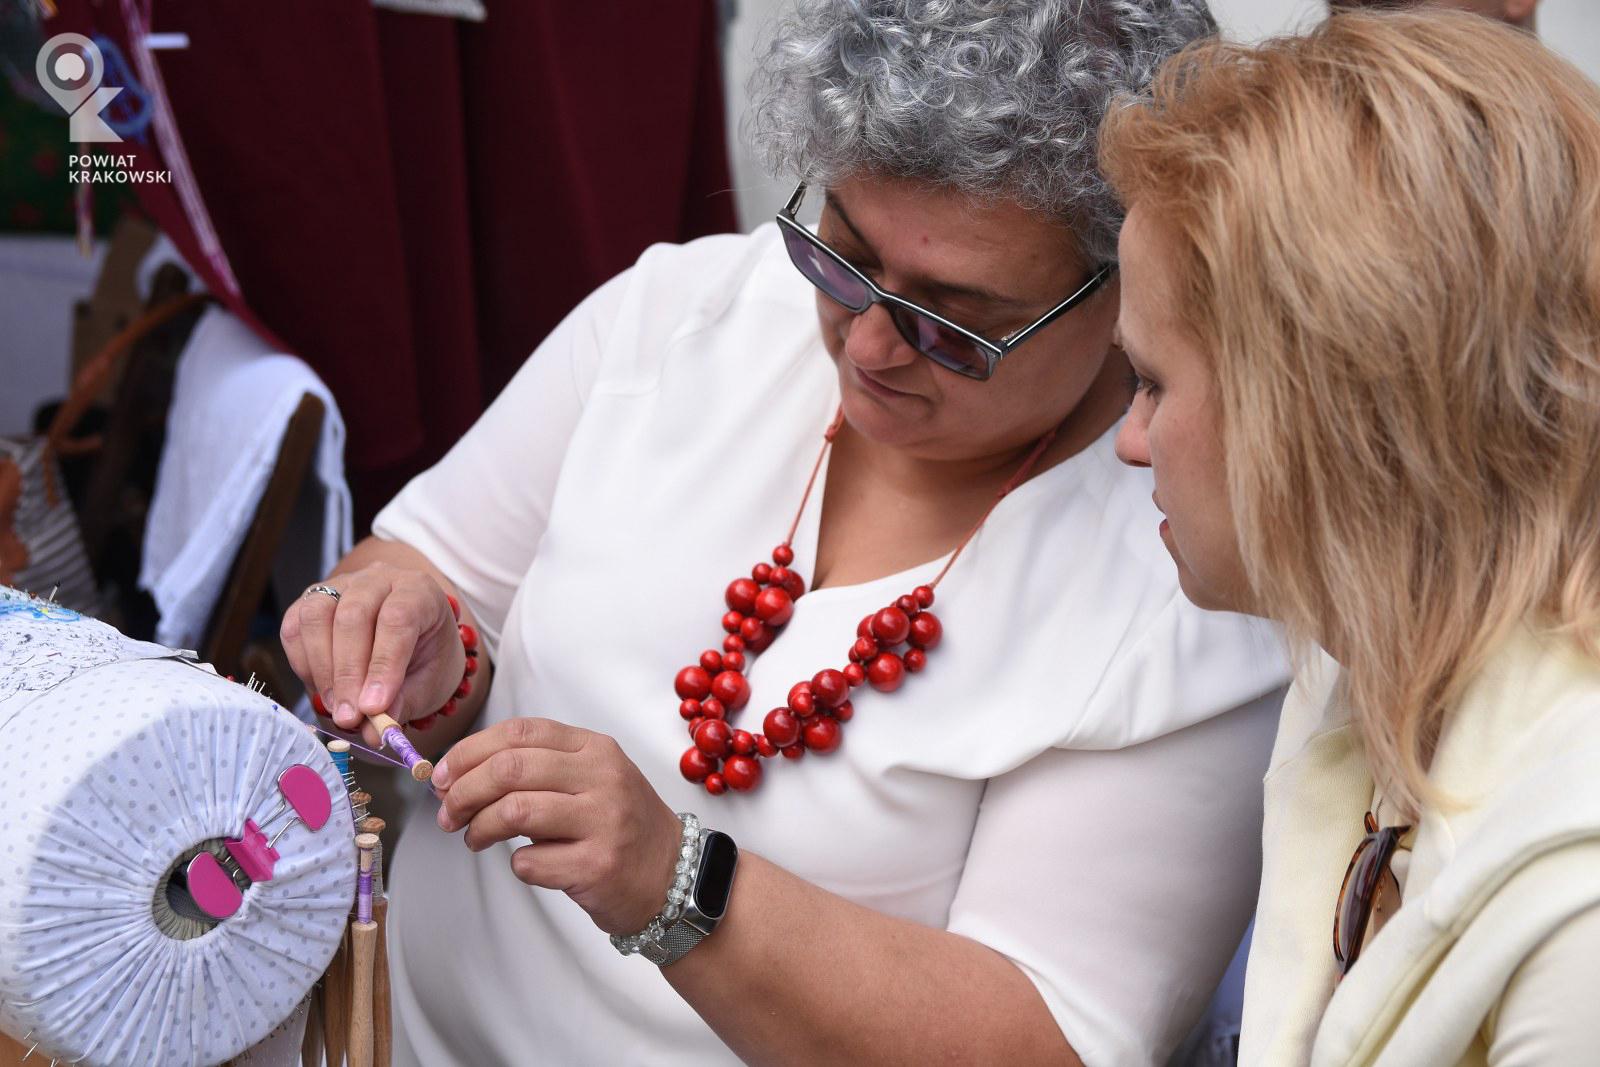 Kobieta pokazuje drugiej kobiecie, jak tworzy koronkę